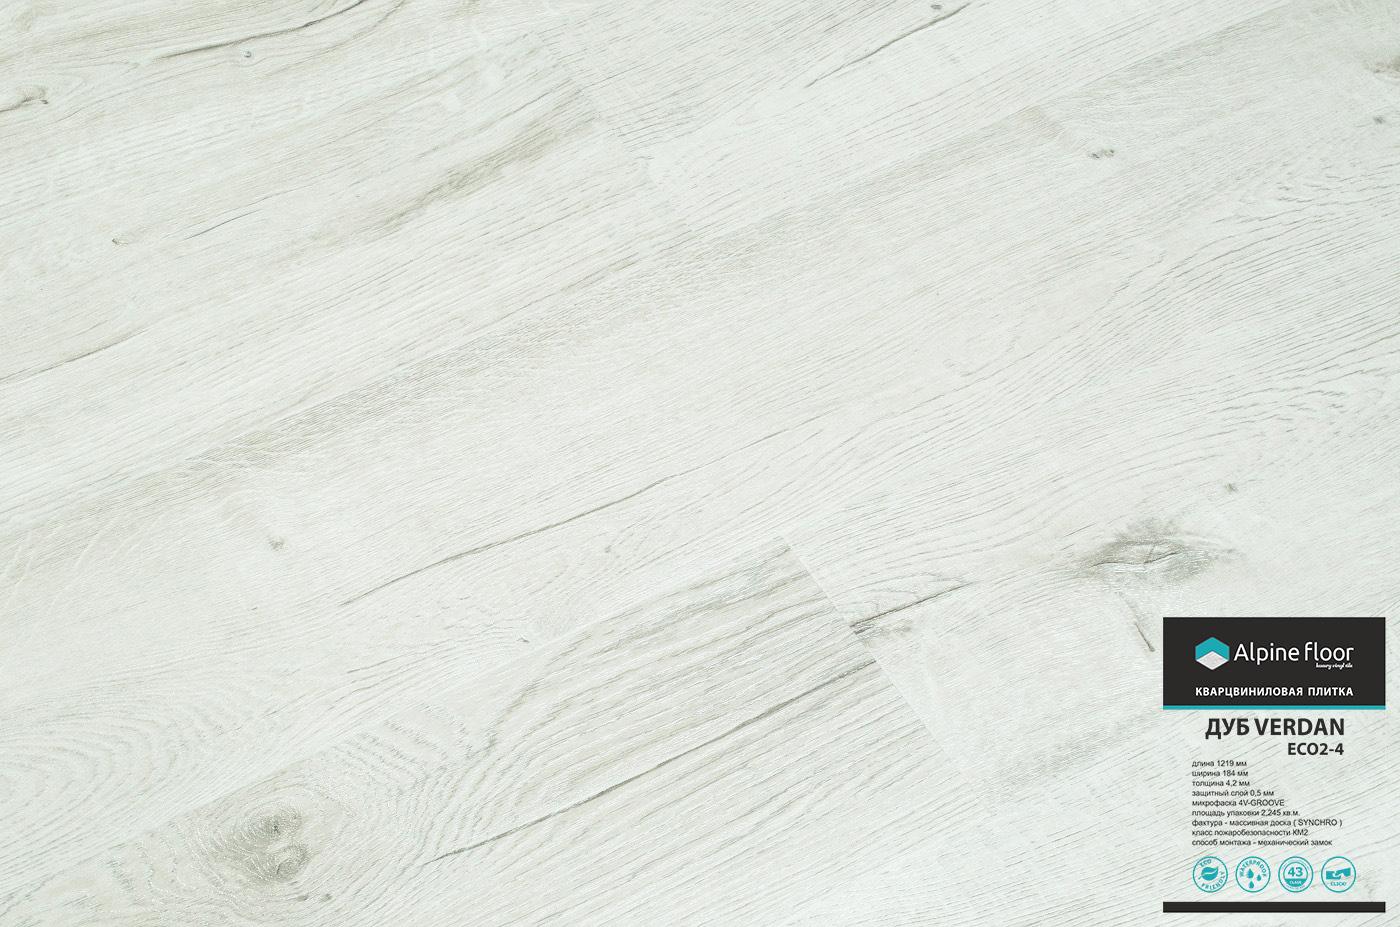 Виниловый ламинат Alpine Floor (Южная Корея) ECO2-4 Дуб Verdan | КИТMIX Мурманск